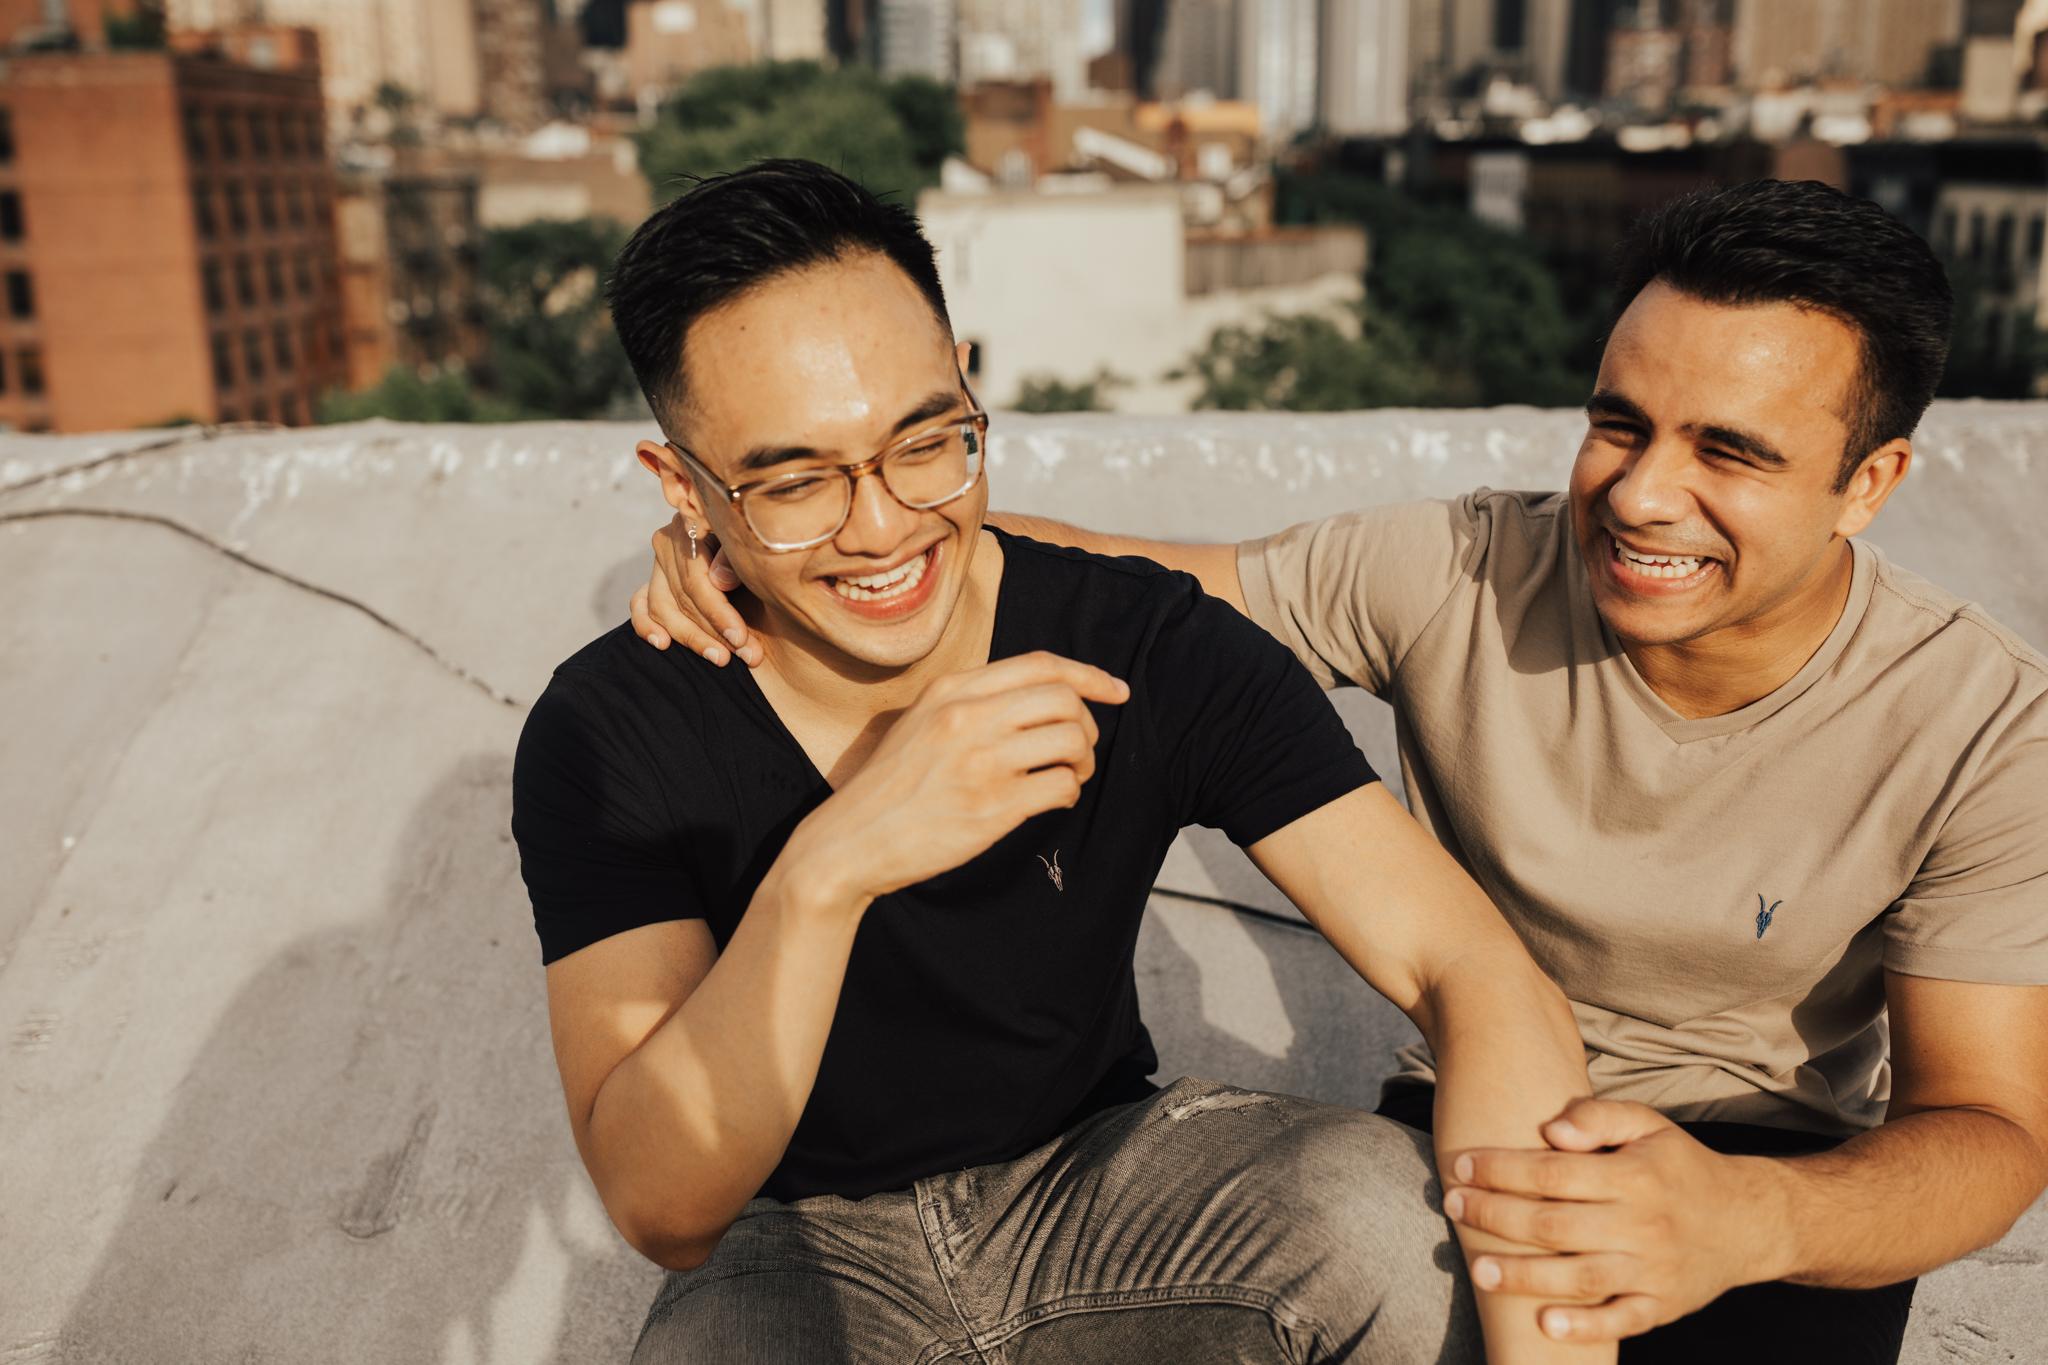 nyc fun engagement photos